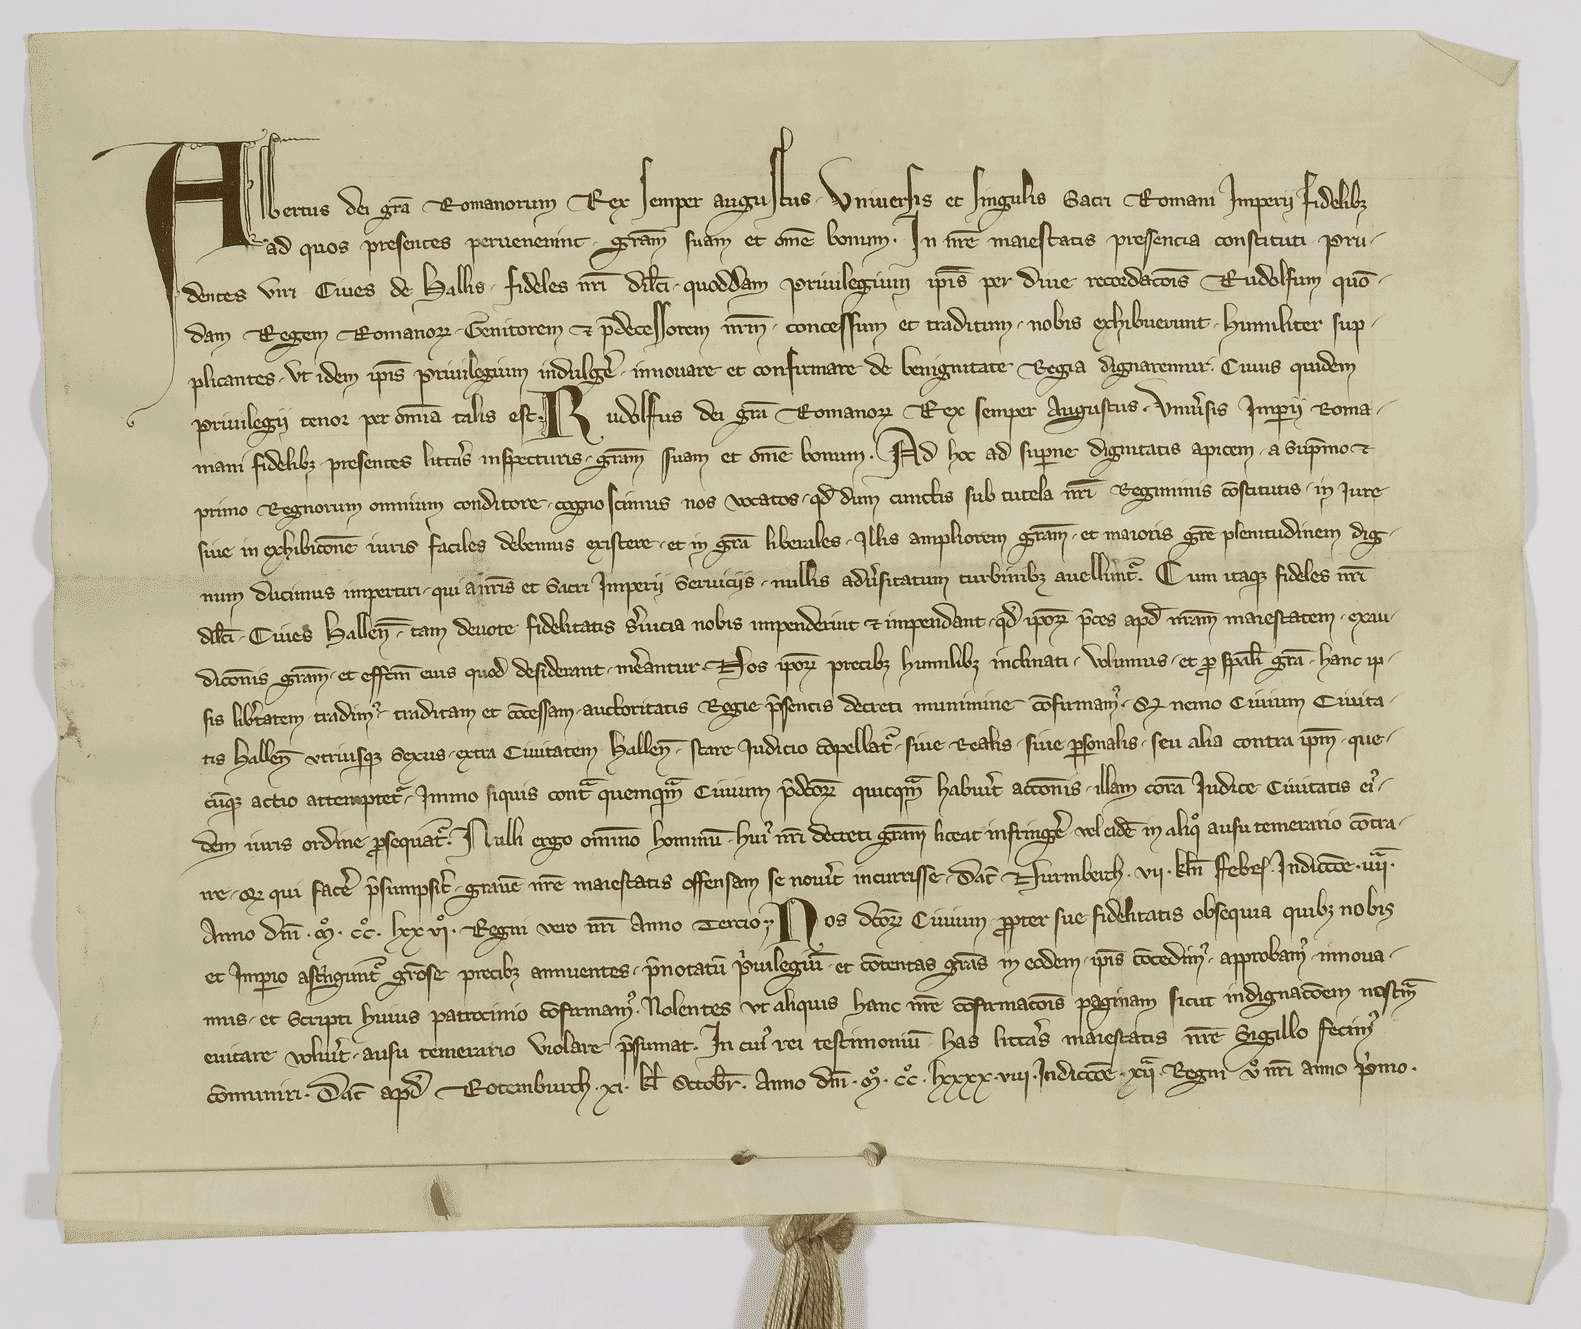 König Albrecht bestätigt der Stadt Hall das von König Rudolf ihr verliehene privilegium de non evocando., Bild 1